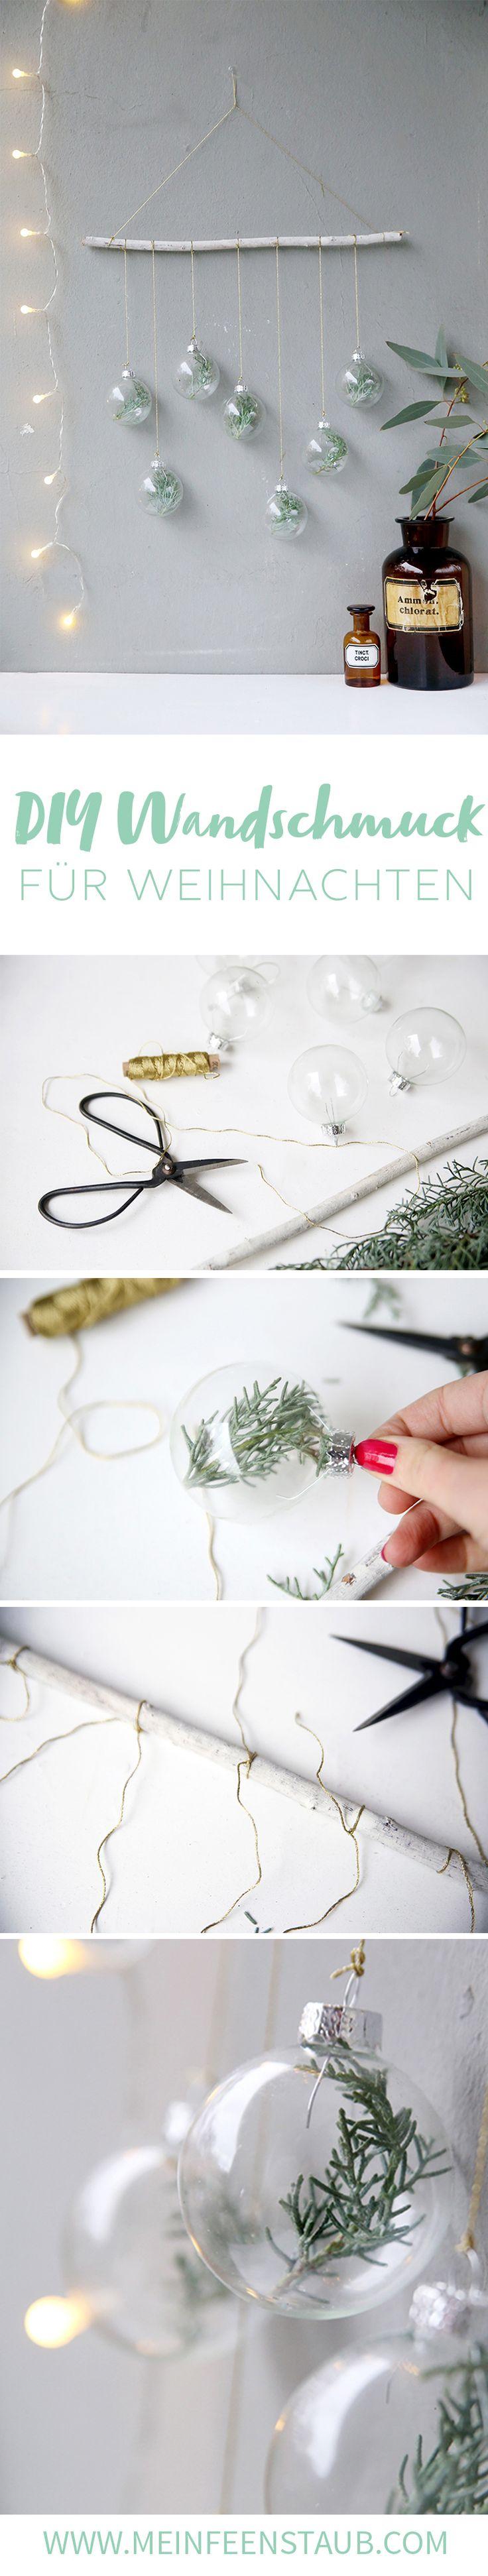 Kreative DIY Idee Für Weihnachten Und Selbstgemachte Weihnachtsdeko:  Wandschmuck Mit Tannenzweigen In Weihnachtskugeln |